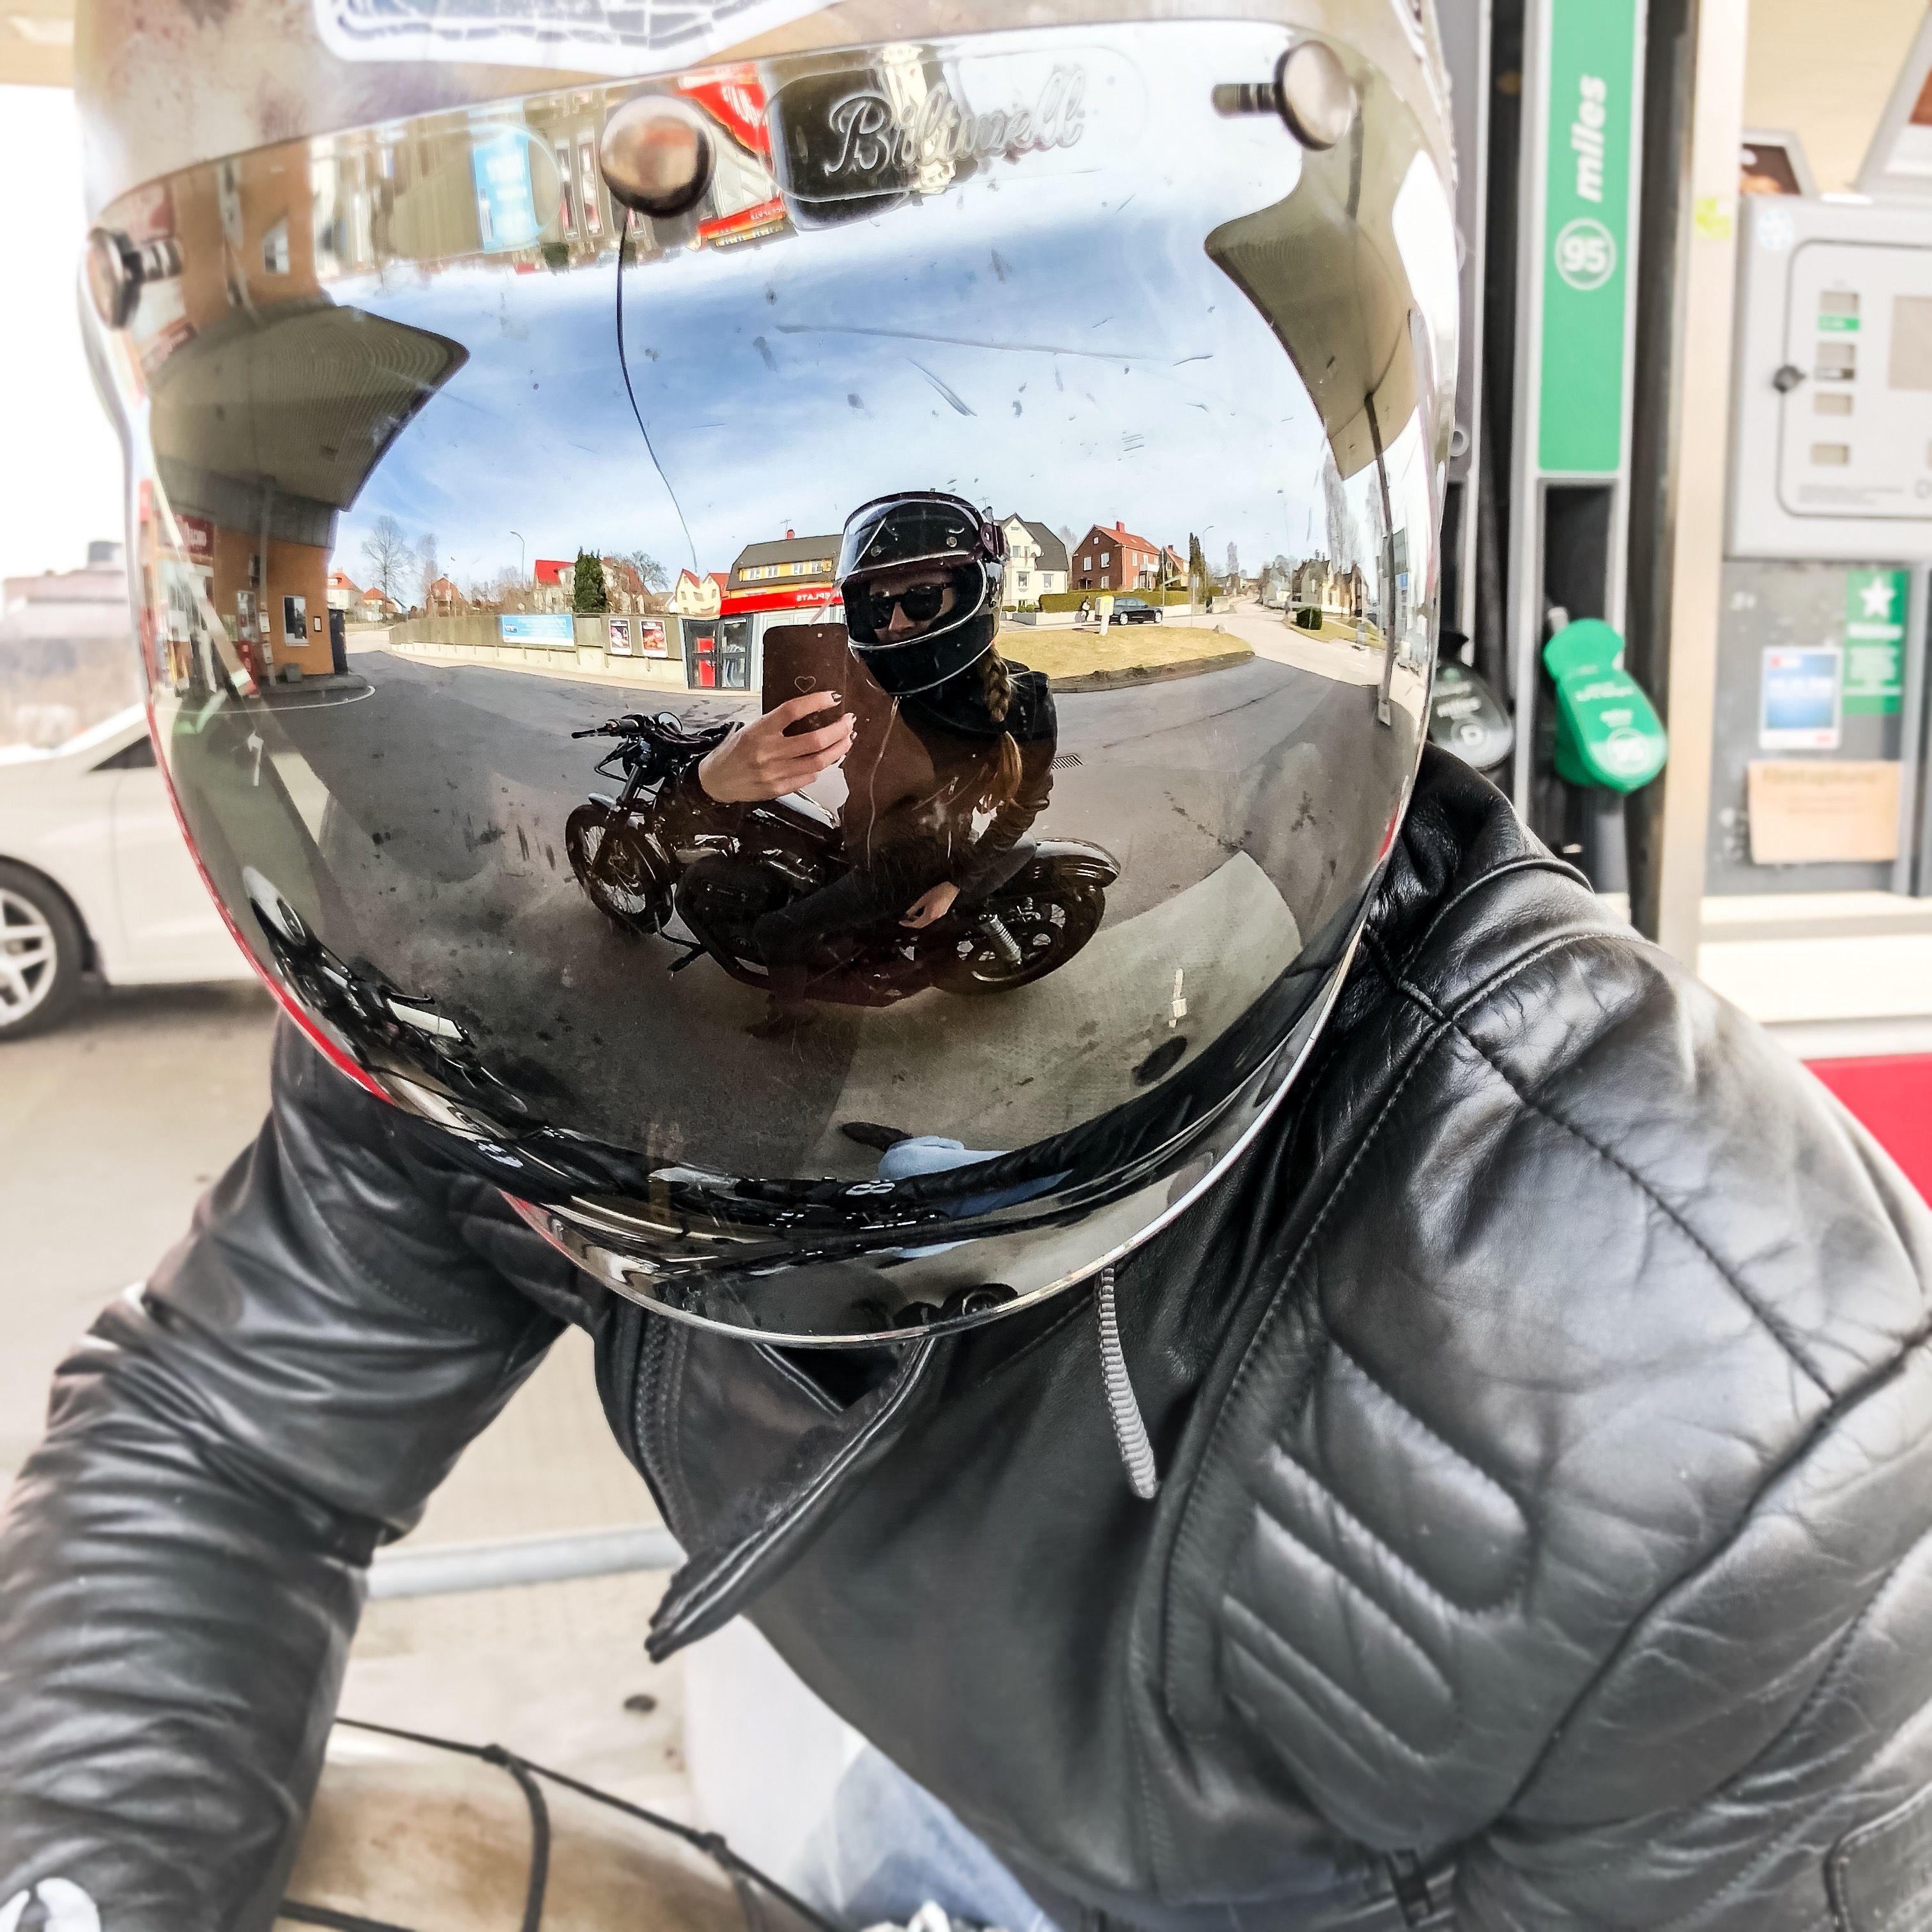 селфи на мотоцикле картинки того чтобы искать